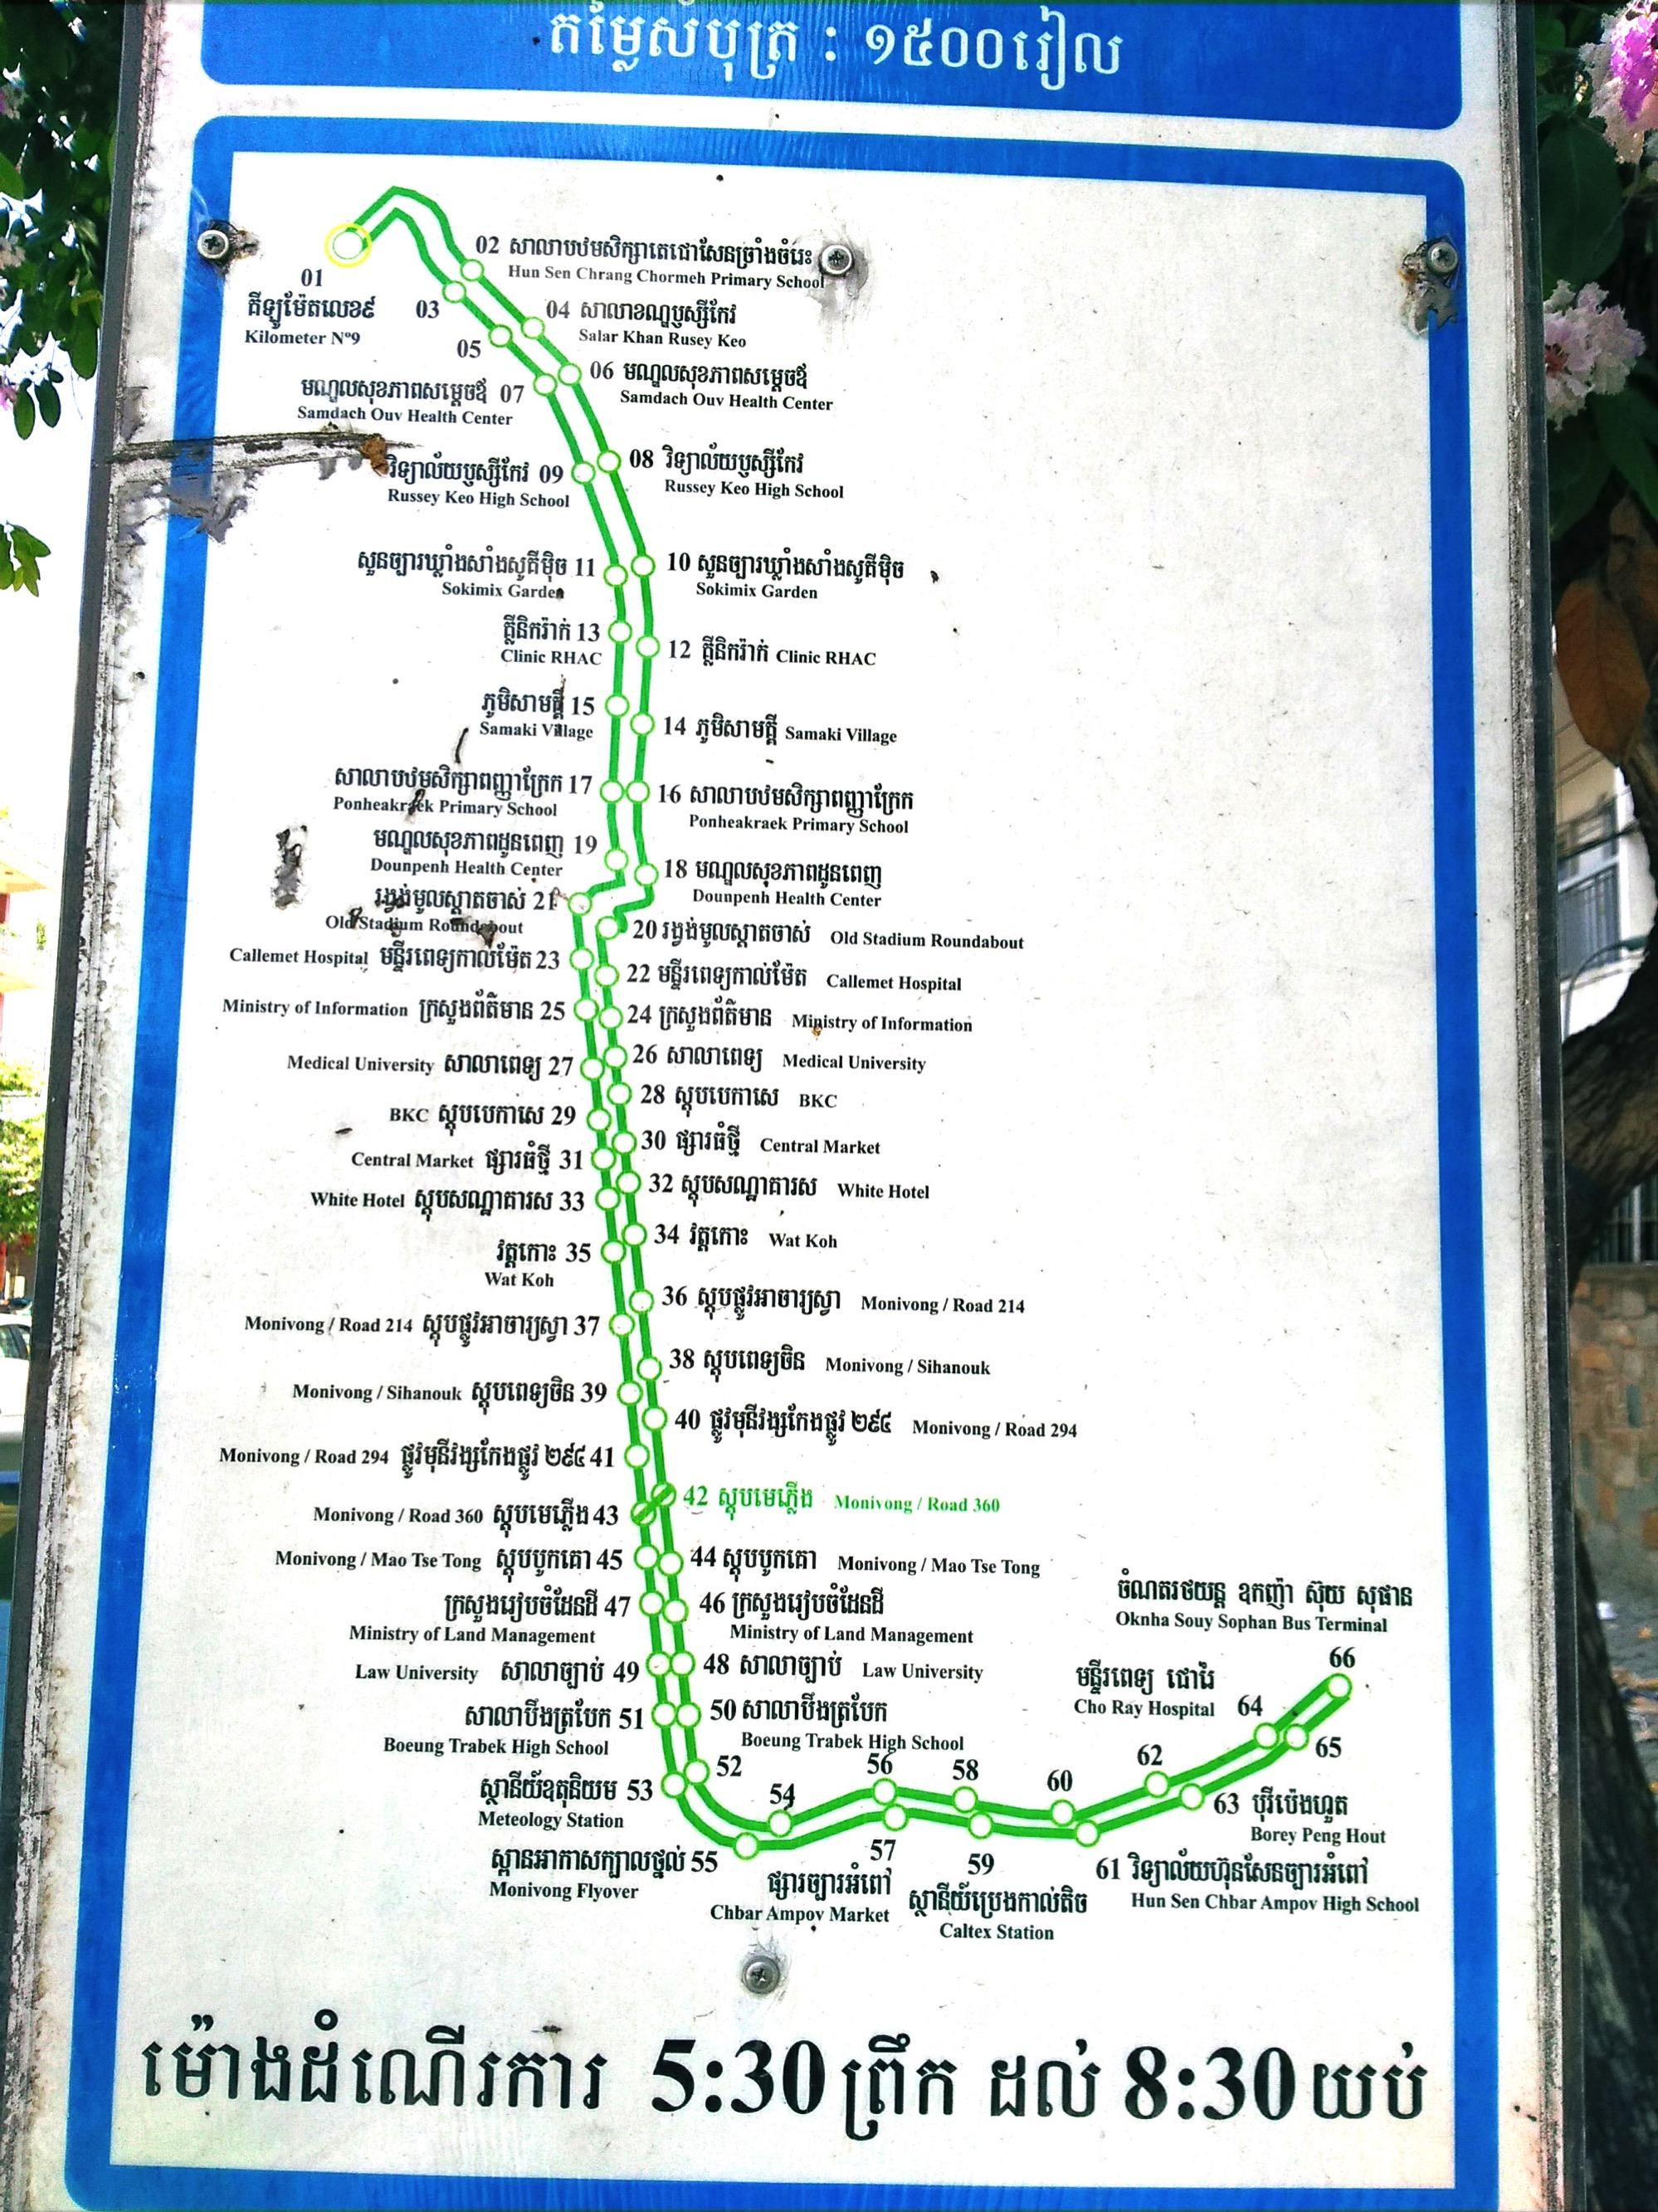 プノンペン市バスLINE1